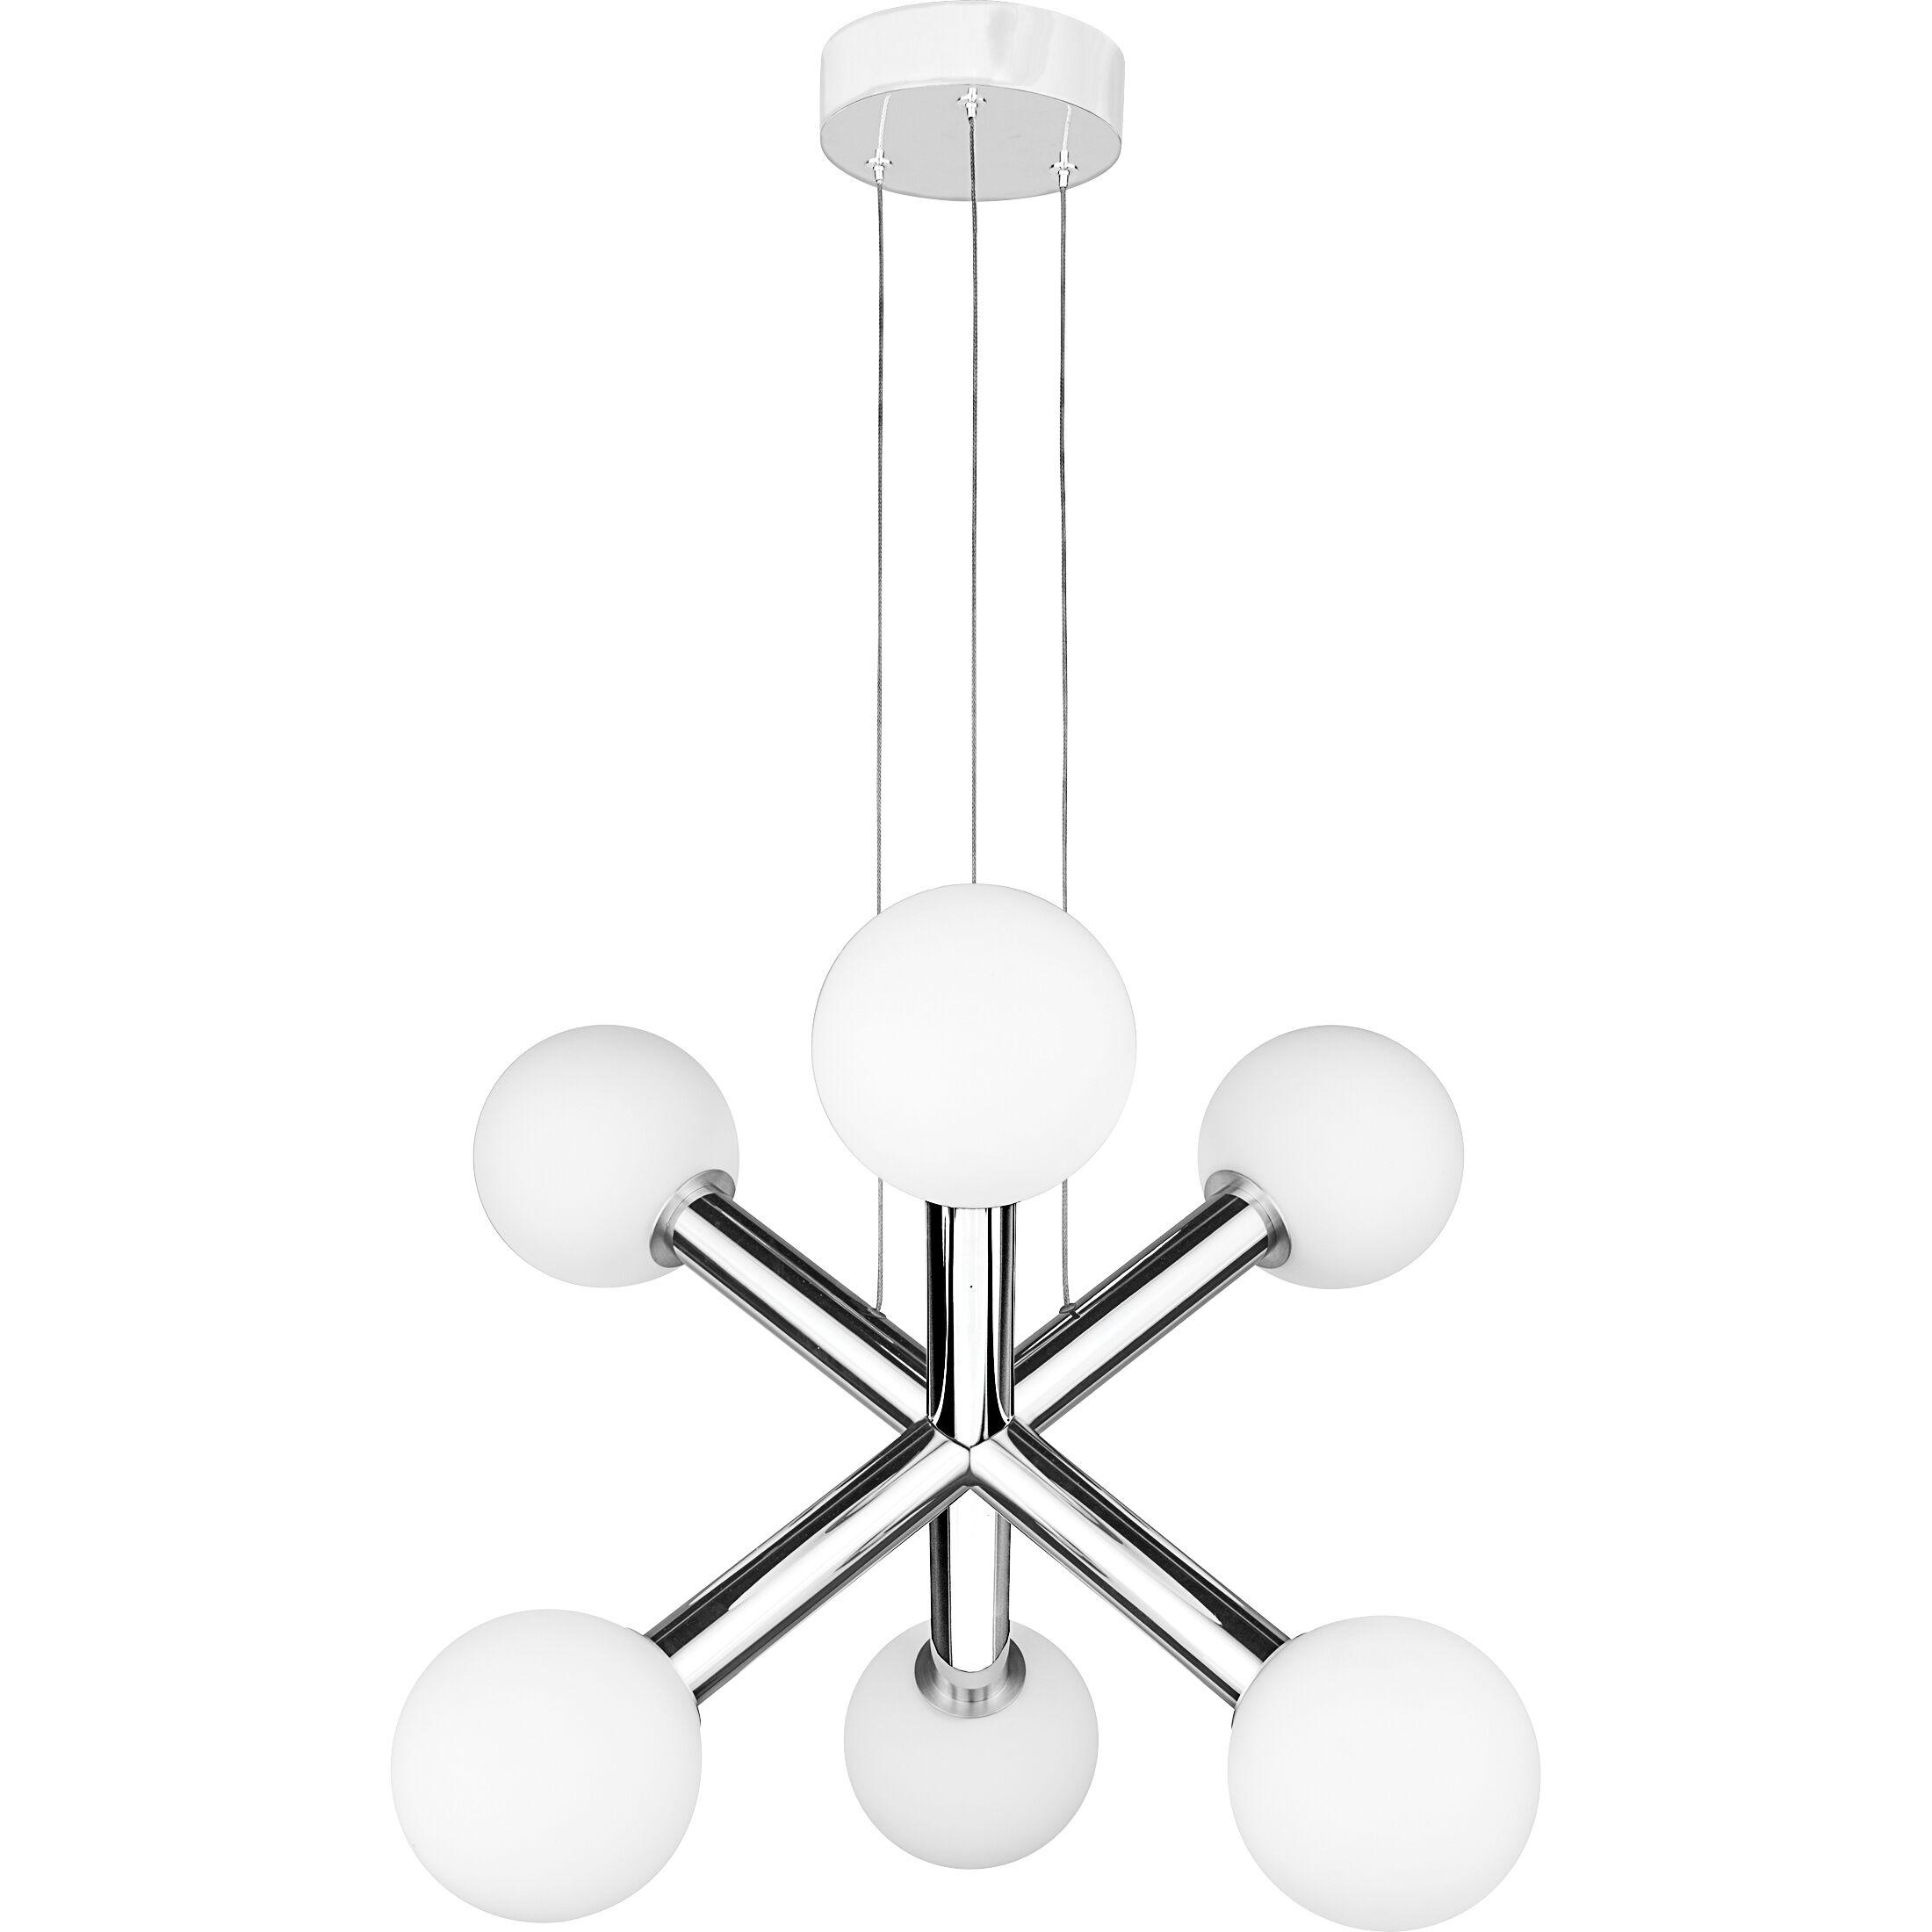 Reimers 6-Light LED Sputnik Chandelier